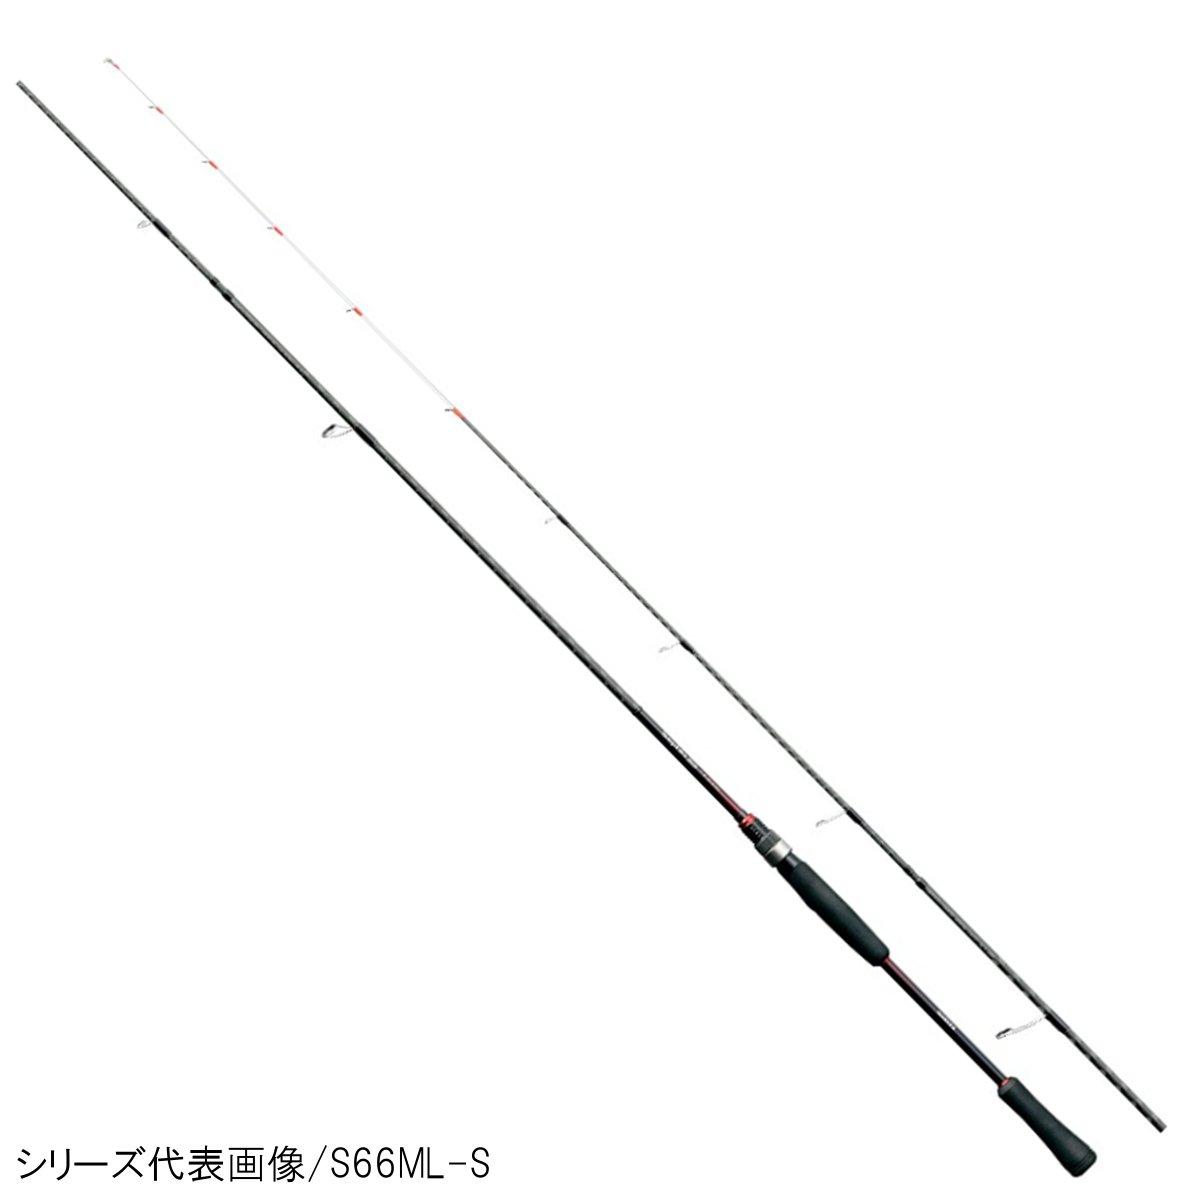 シマノ セフィア BB ティップエギング S66M-S【送料無料】